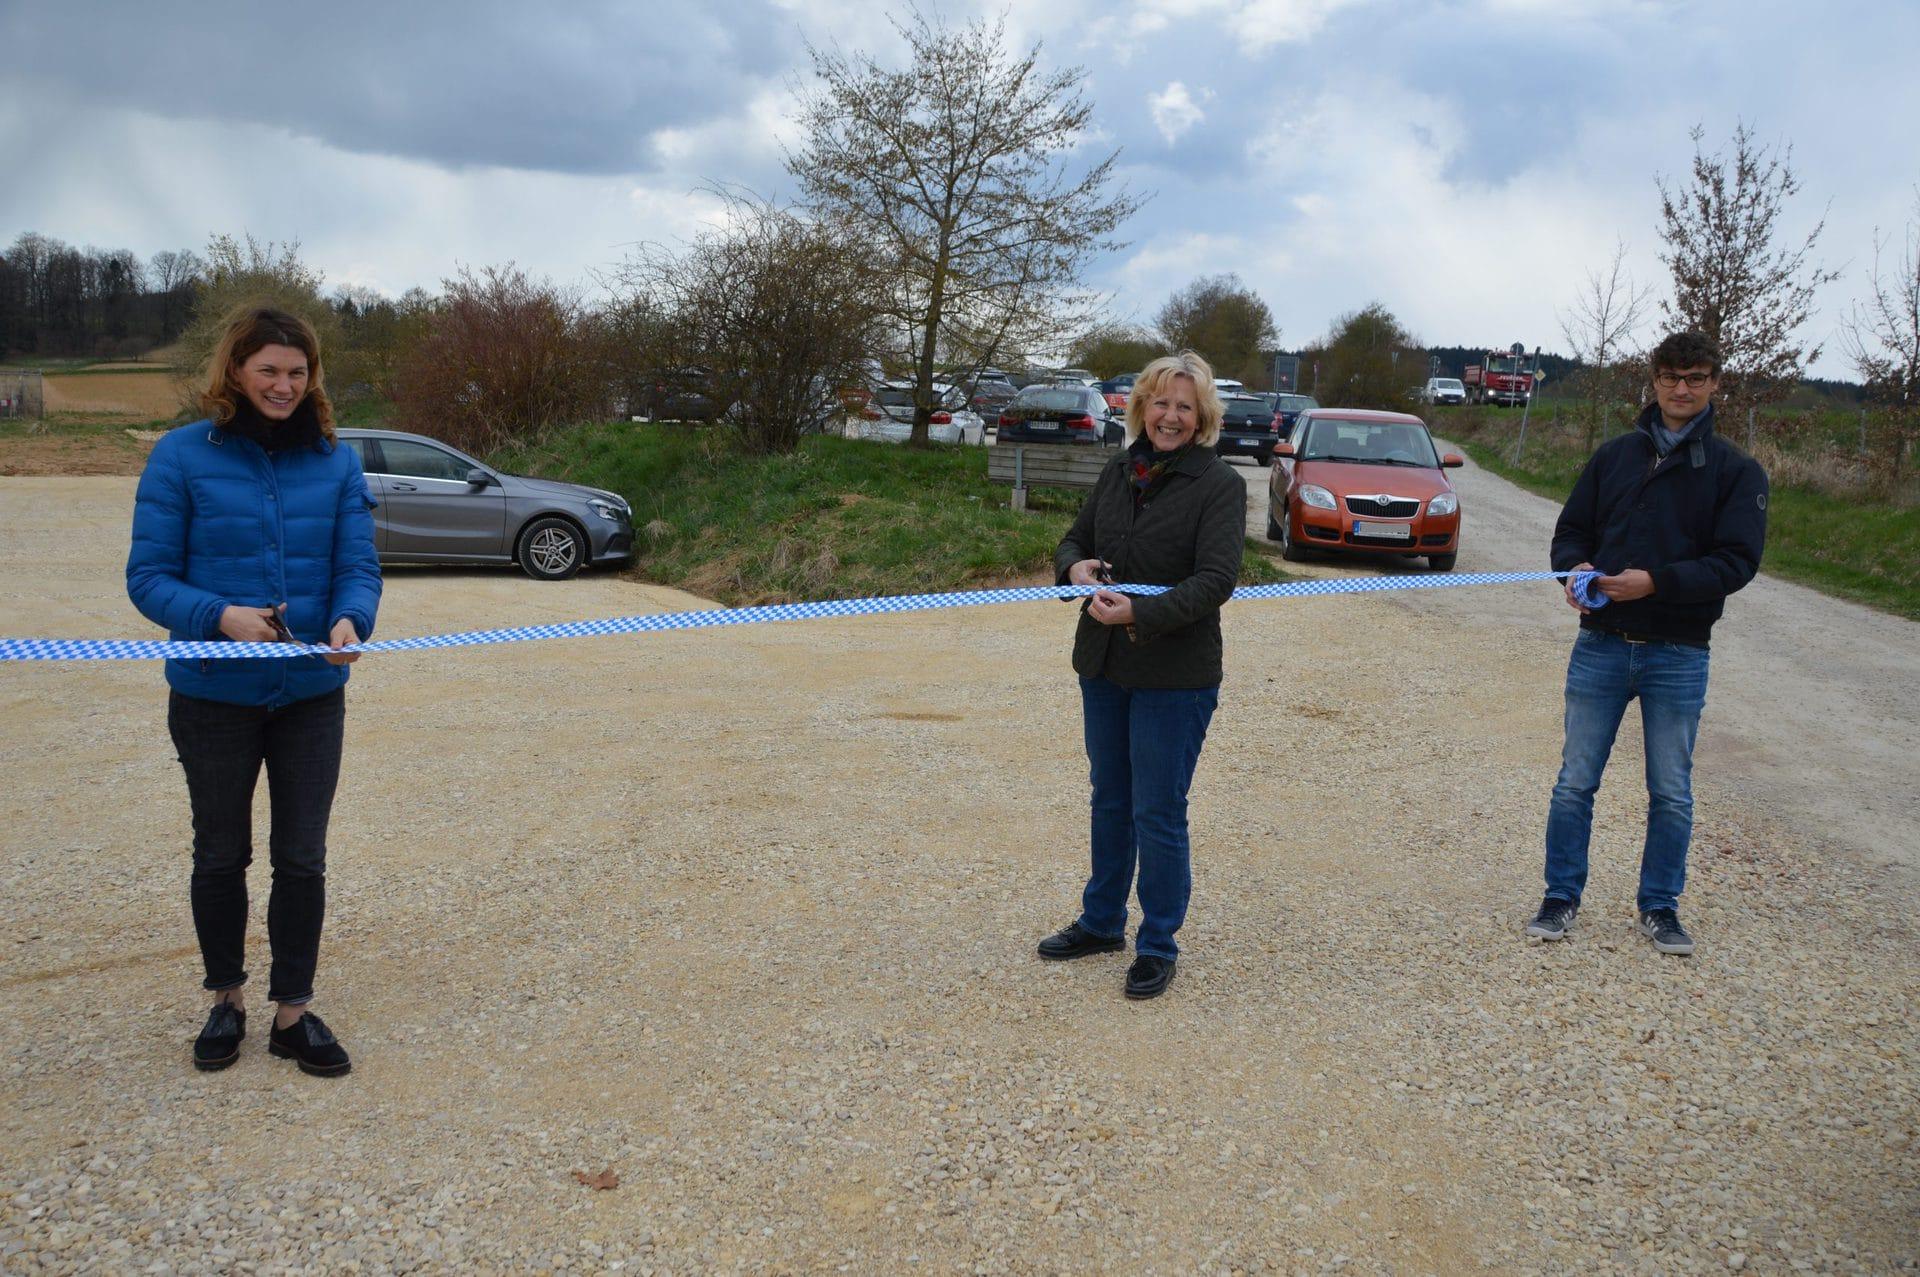 Pentling: 40 zusätzliche Parkplätze für Pendlerparkplatz Erweiterung abgeschlossen